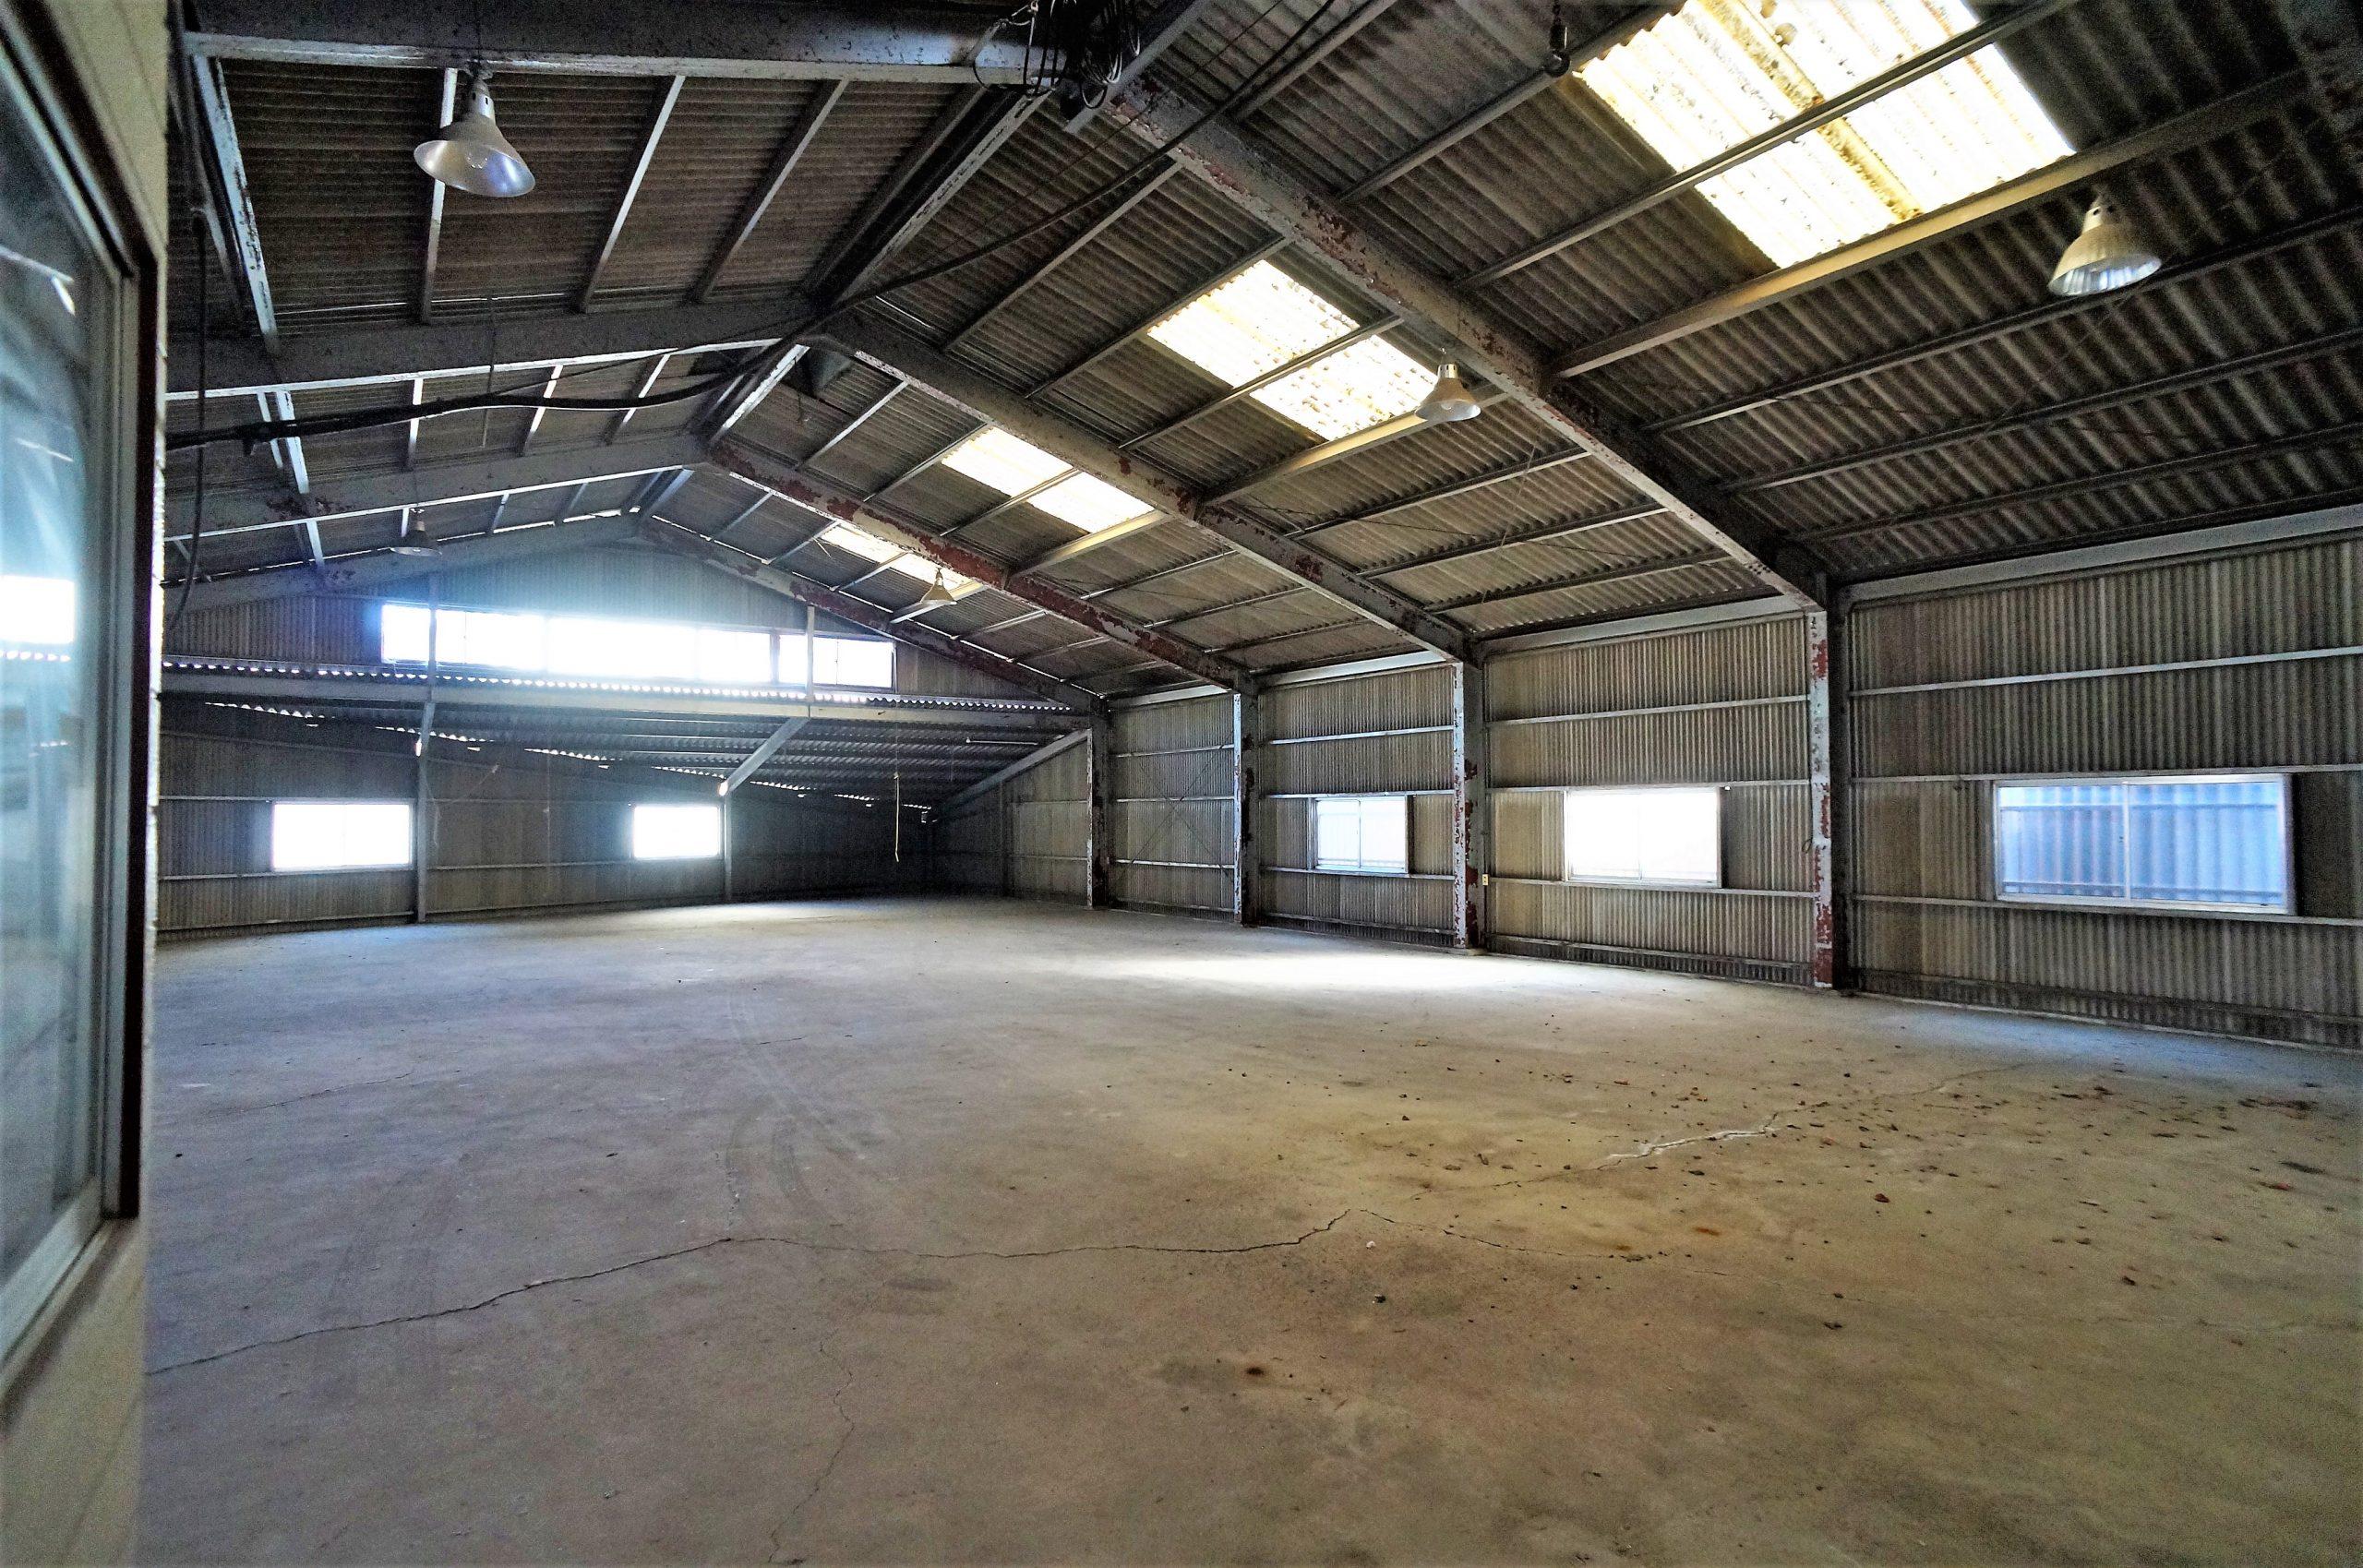 巨大倉庫をどう使うかはあなた次第! 松山市北条売り倉庫